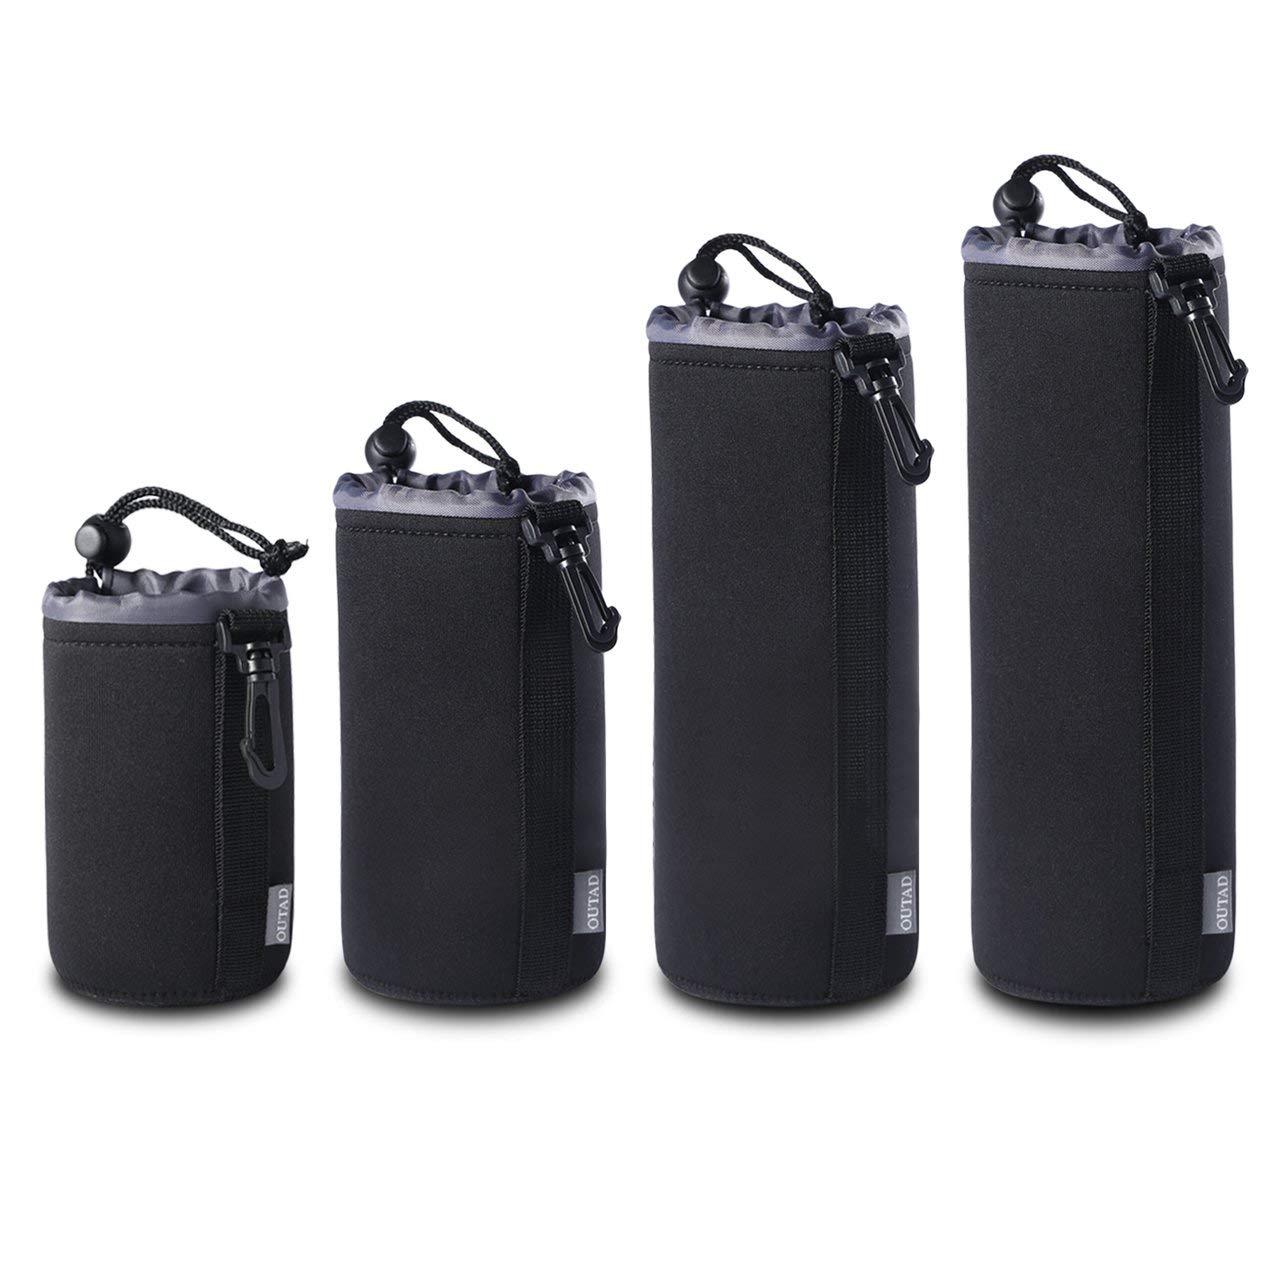 fFRtprintse Lot de 4 Ensemble de Pochette de Protection en n/éopr/ène /épais pour OUTAD OUTAD pour objectifs Reflex num/ériques pour Canon pour Nikon pour Pentax pour Sony